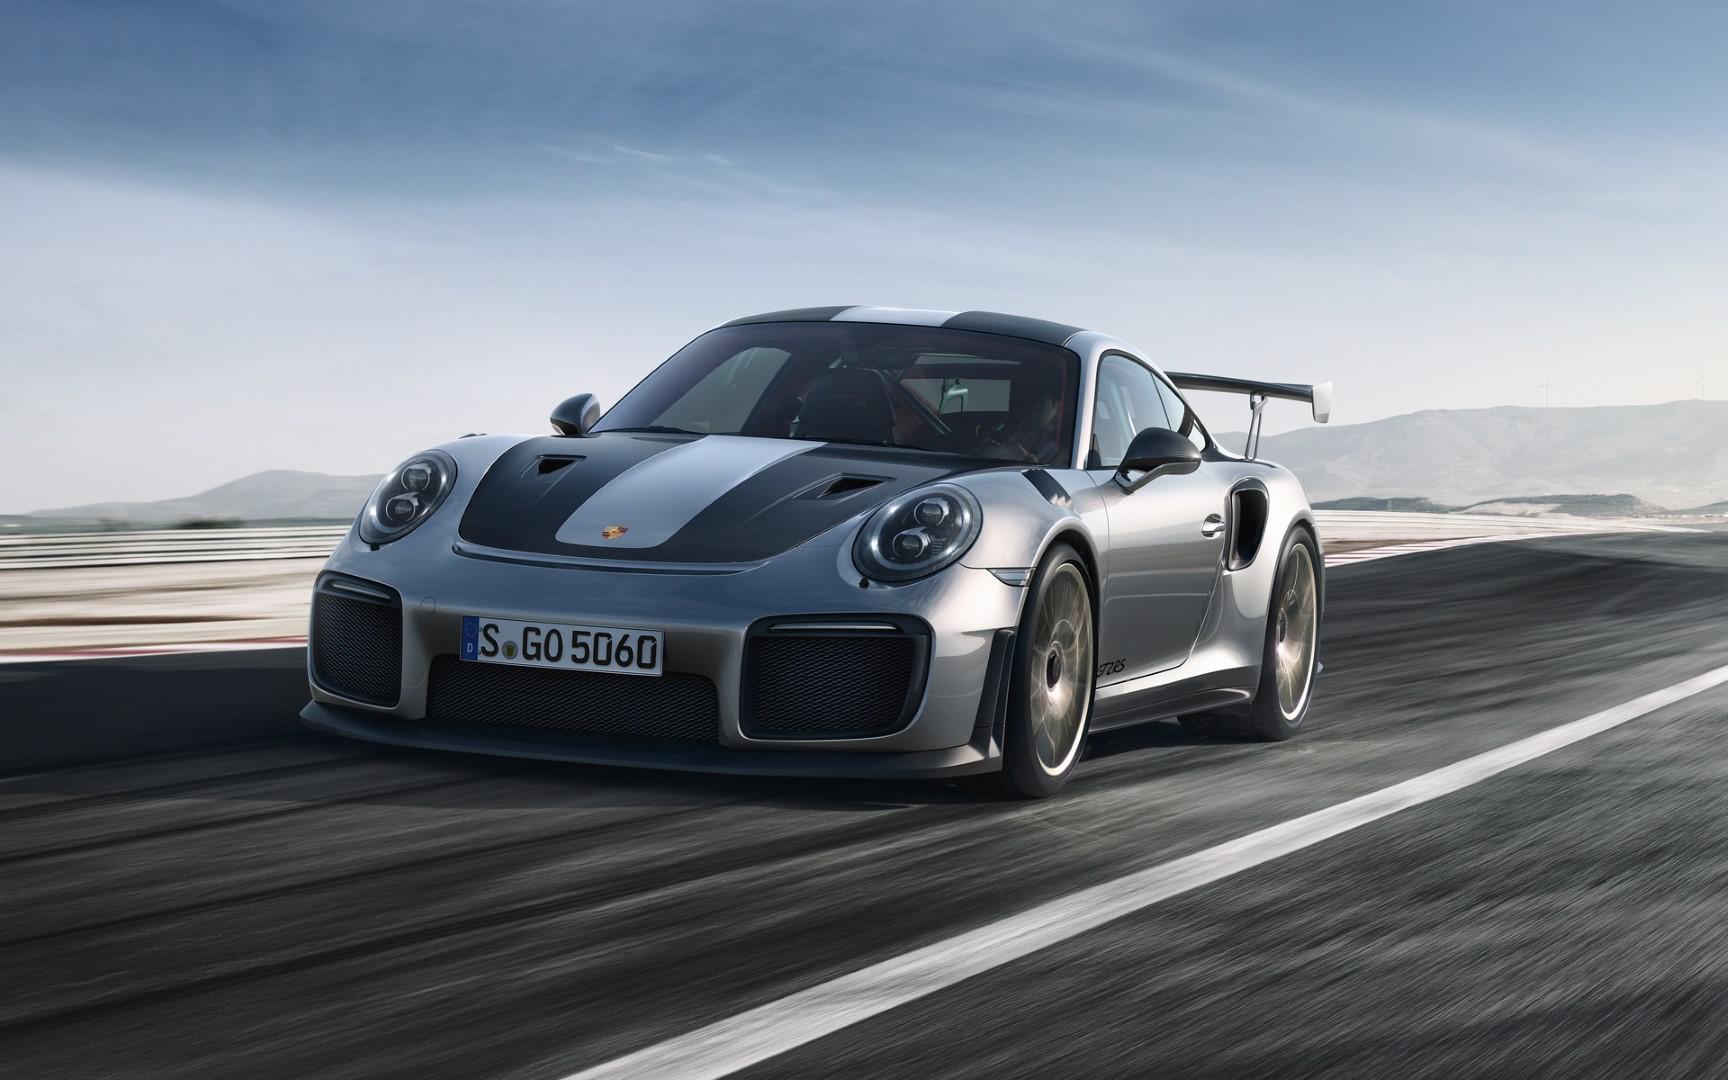 les-voitures-les-plus-rapides-du-nuerburgring-par-categorie-1158-3.jpg